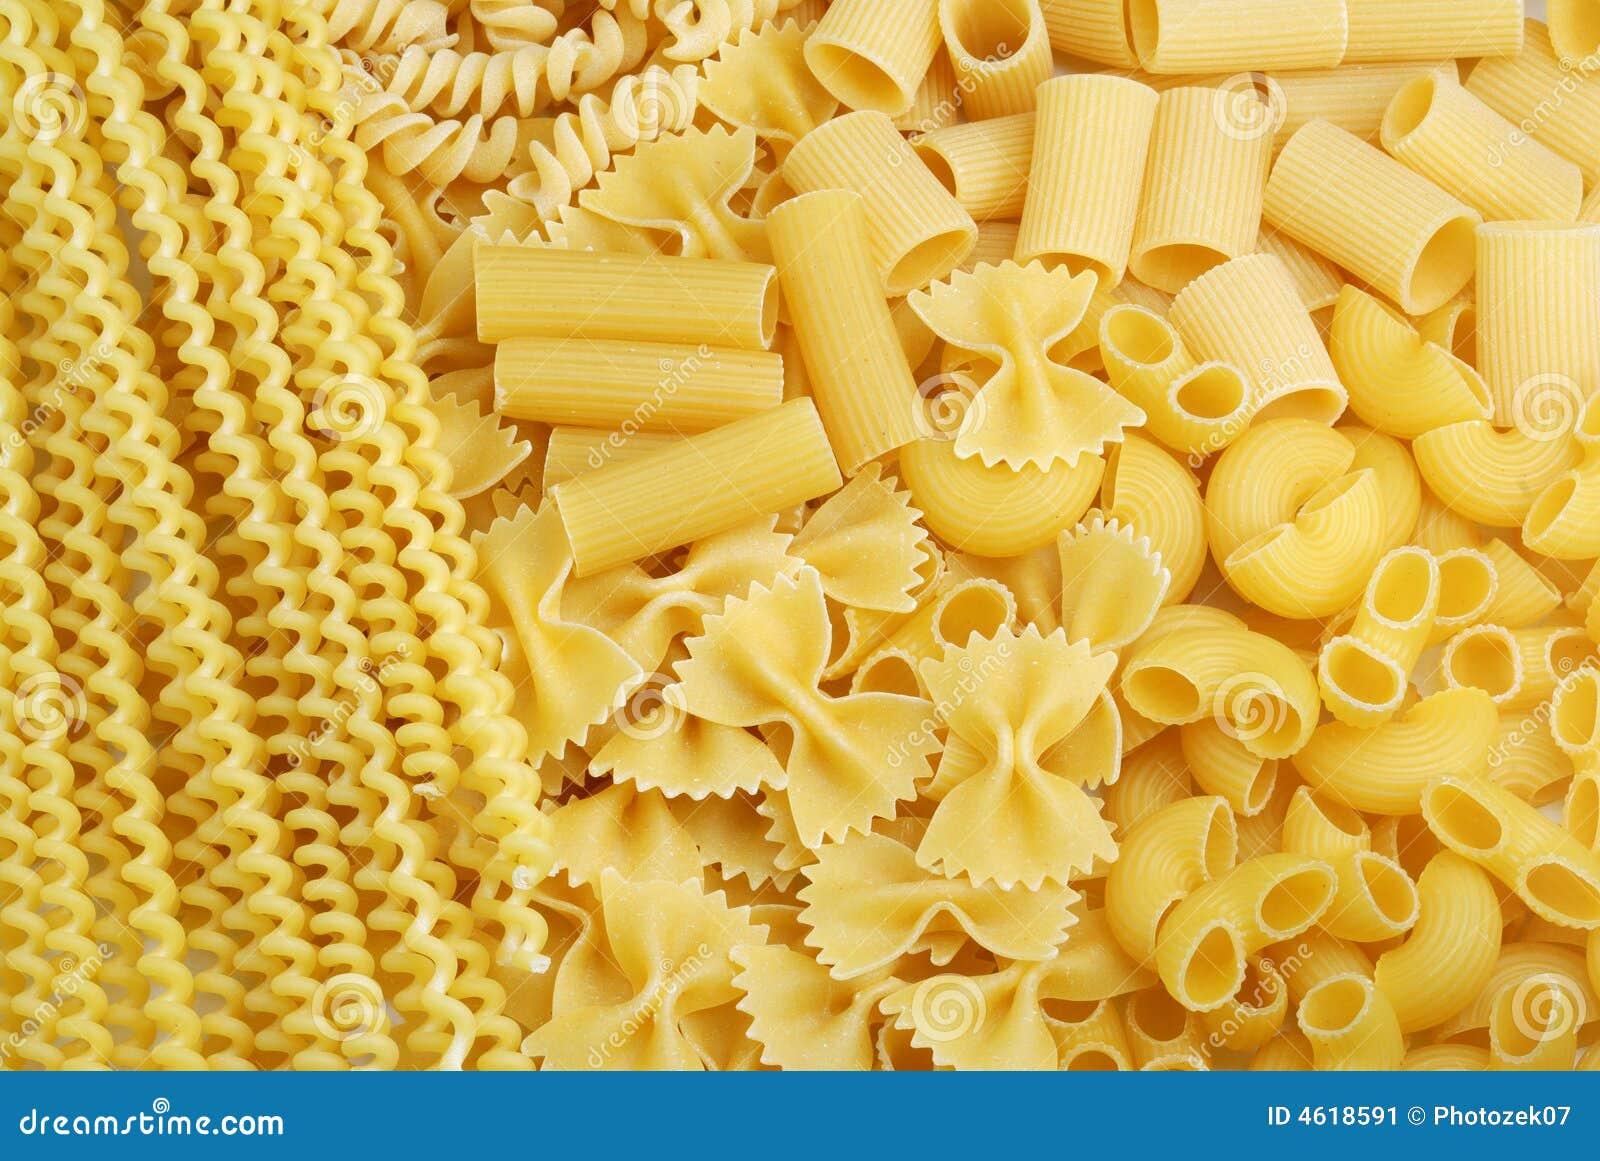 Italienischer Teigwarenhintergrund